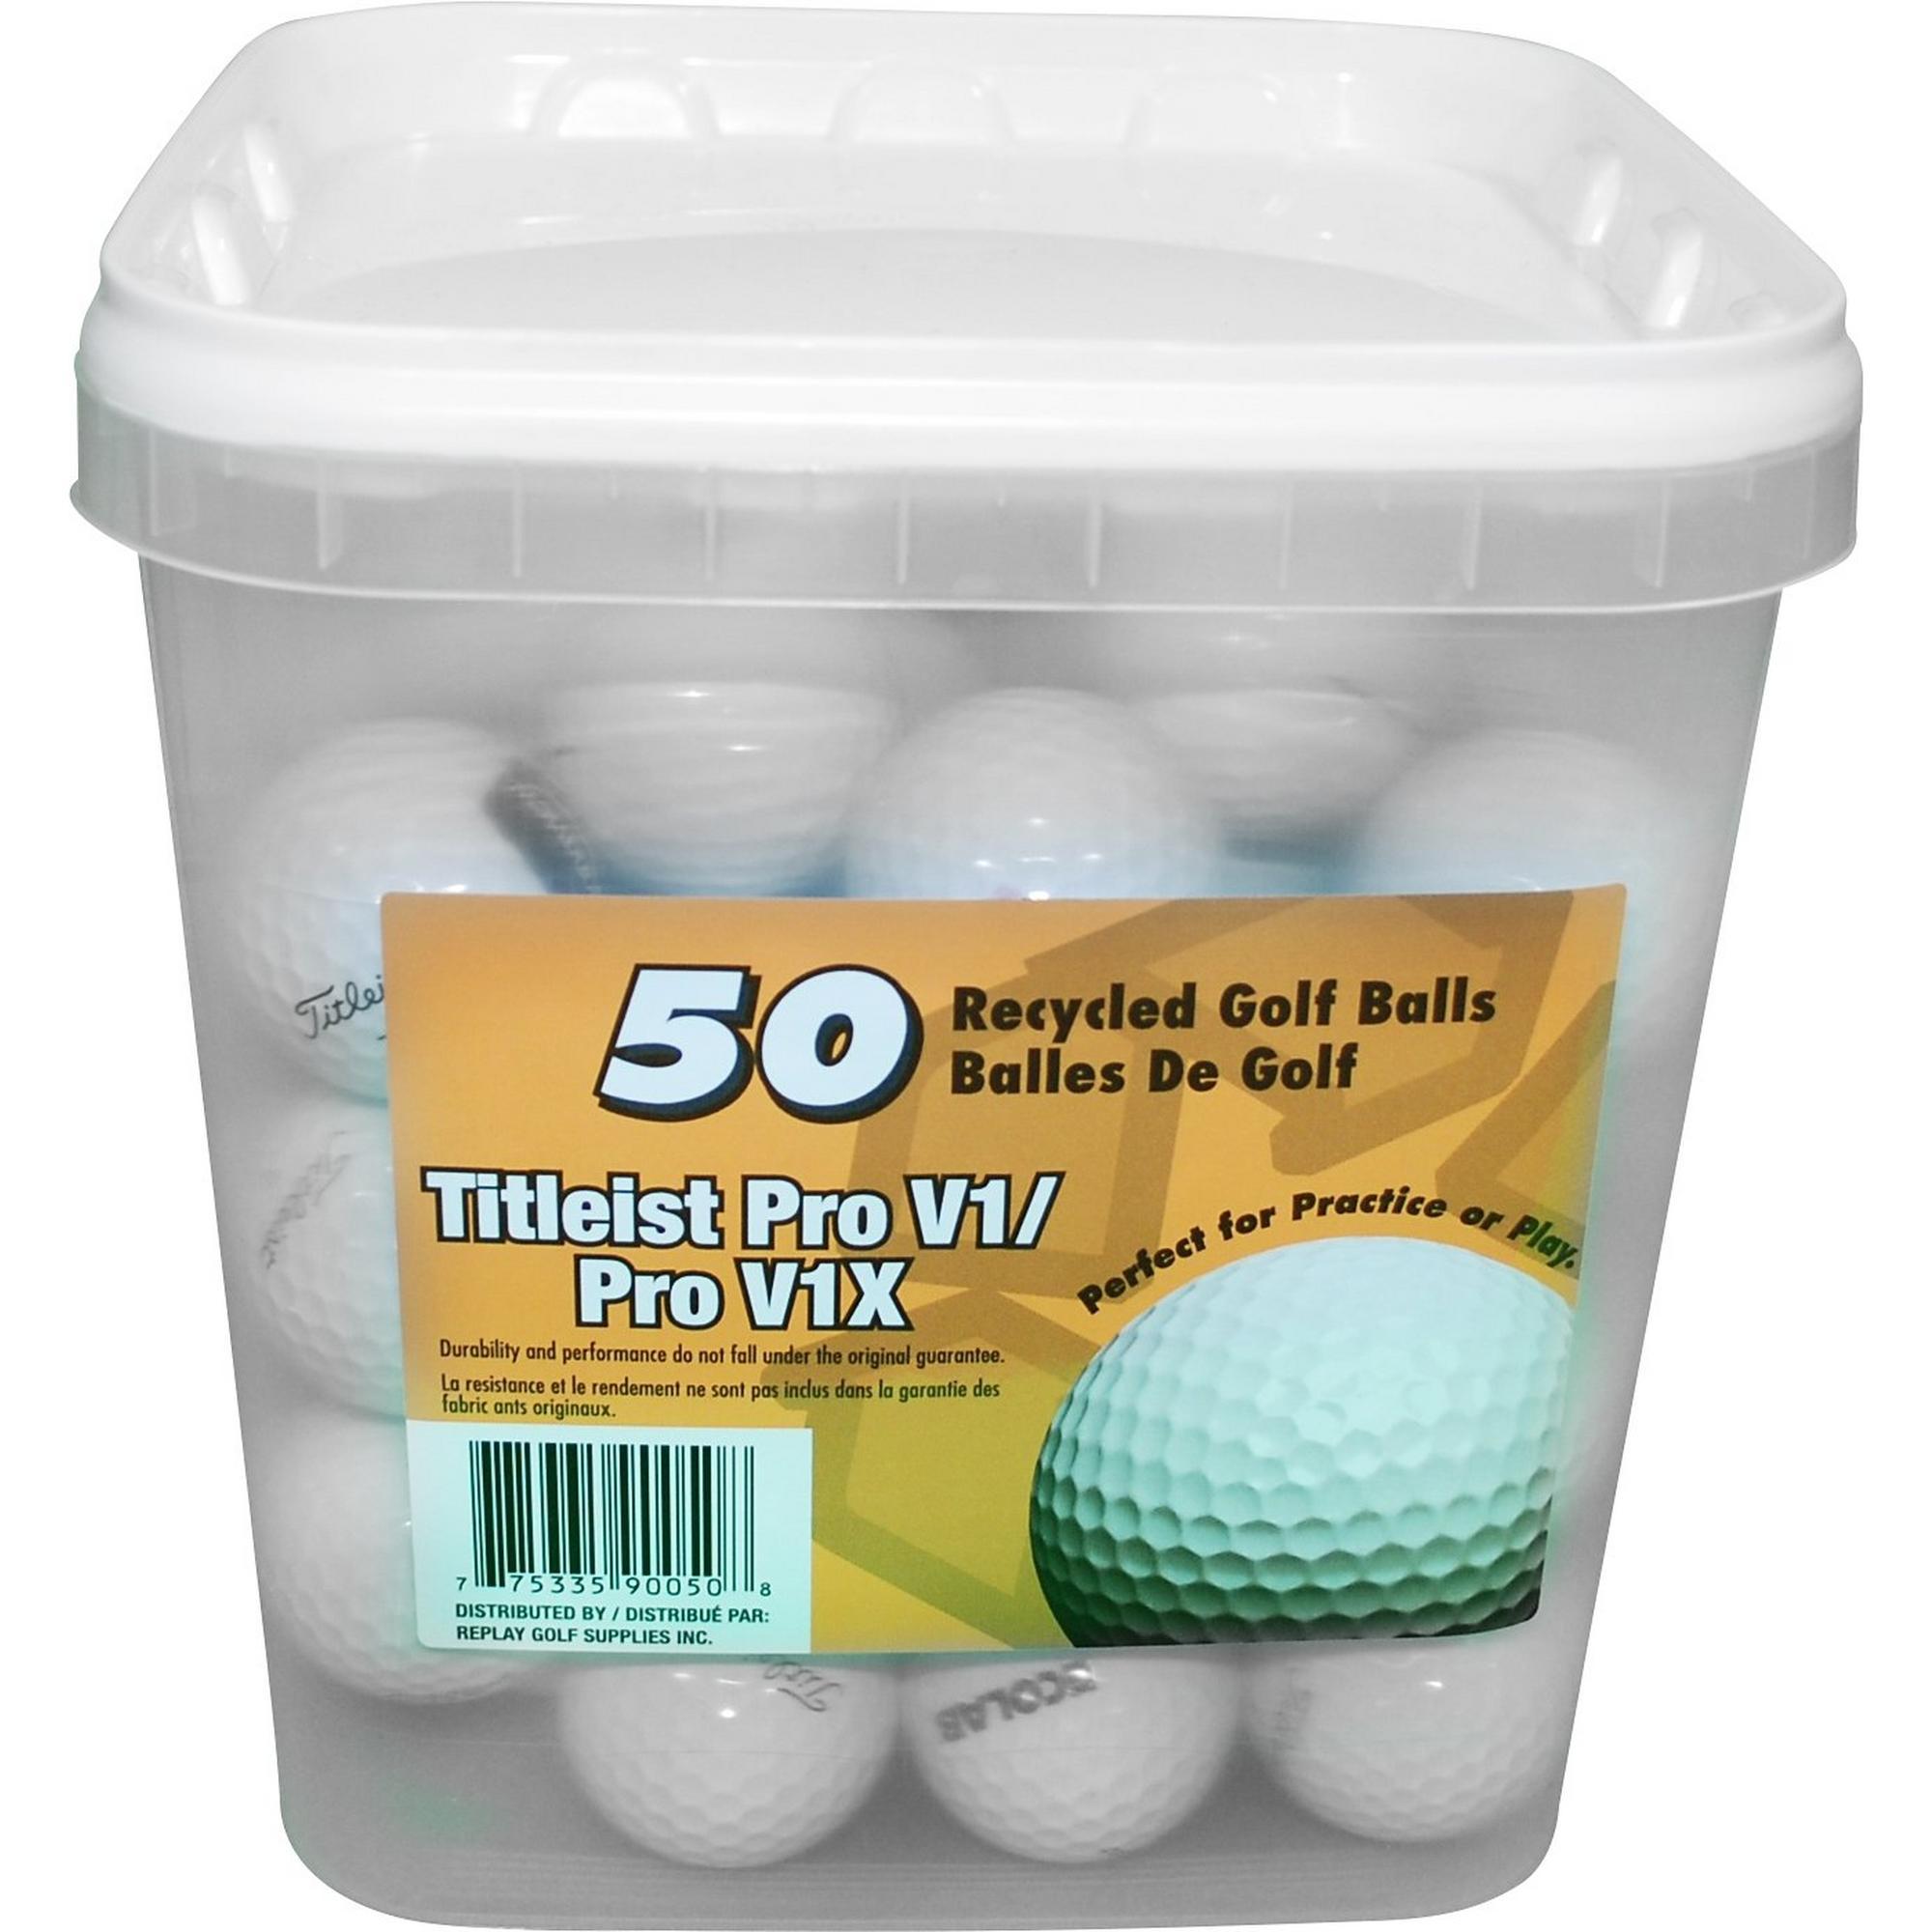 Titleist Pro V1/Pro V1x Recycled Golf Balls - 50PK